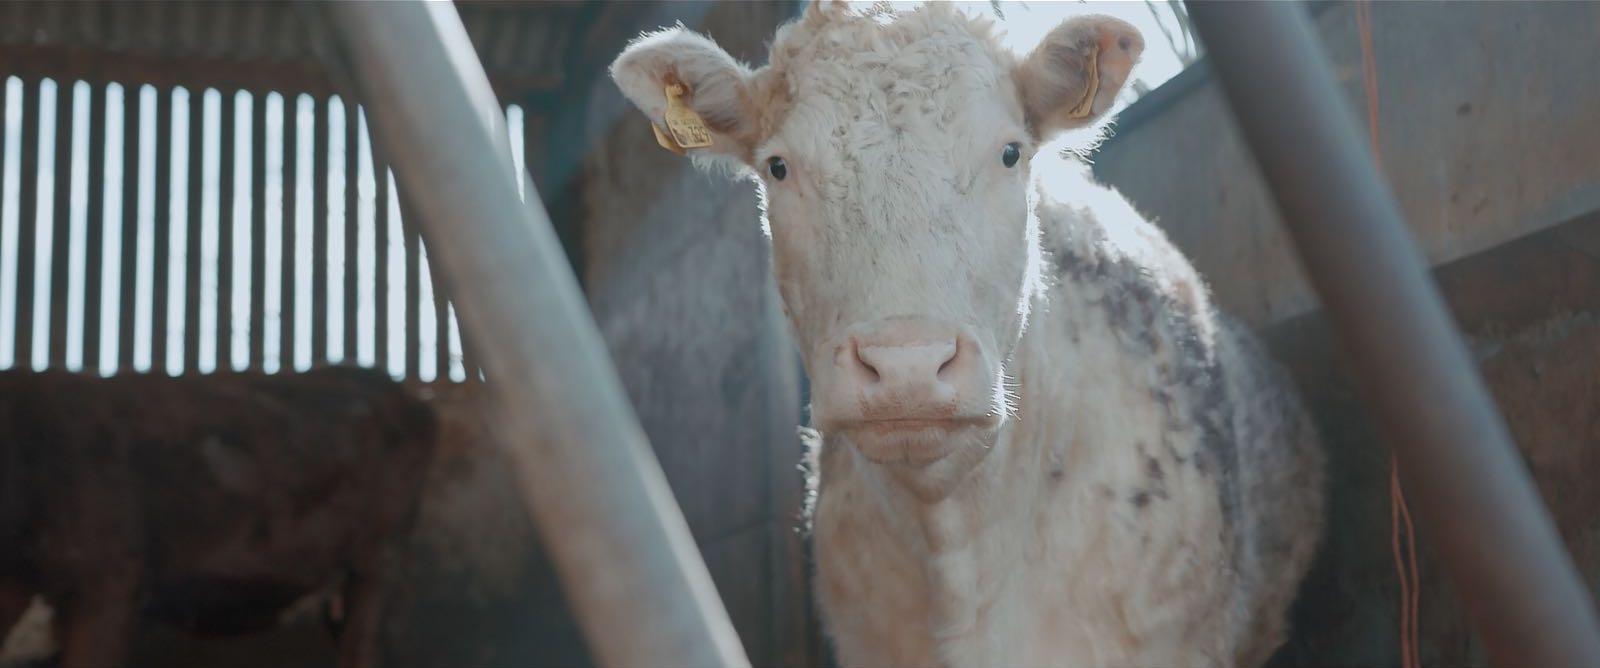 73 Cows by Alex Lockwood   Documentary Short Film